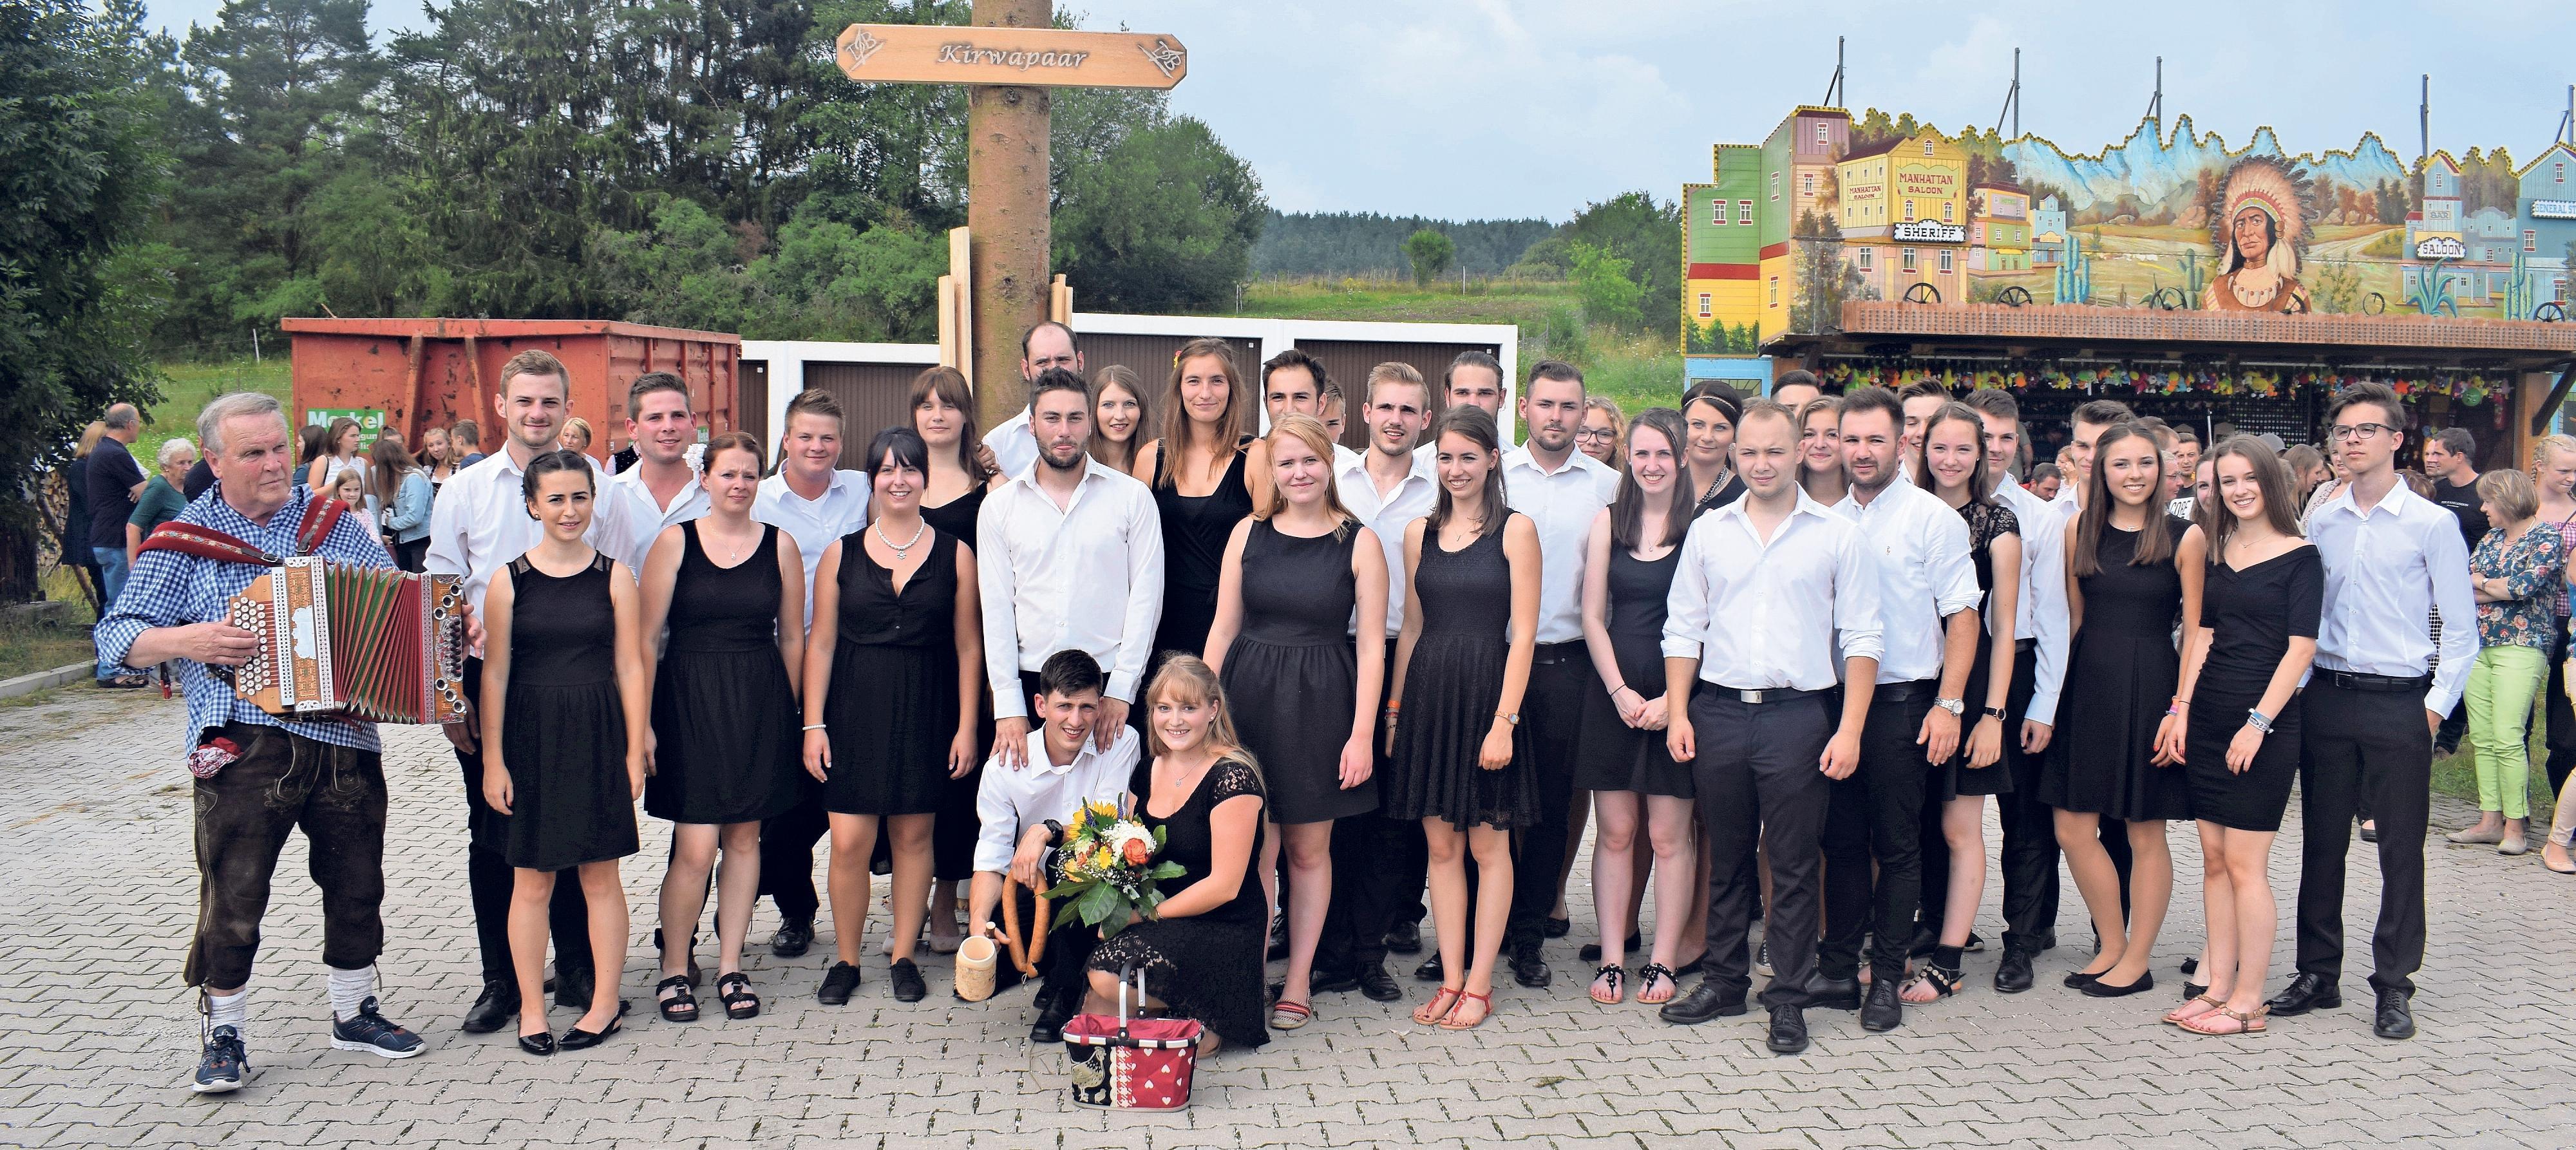 Die Dorfjugend Bronn ist gewappnet für die Zeltkirchweih auf der Pfarrwiesn. Foto: Eva Schmidt